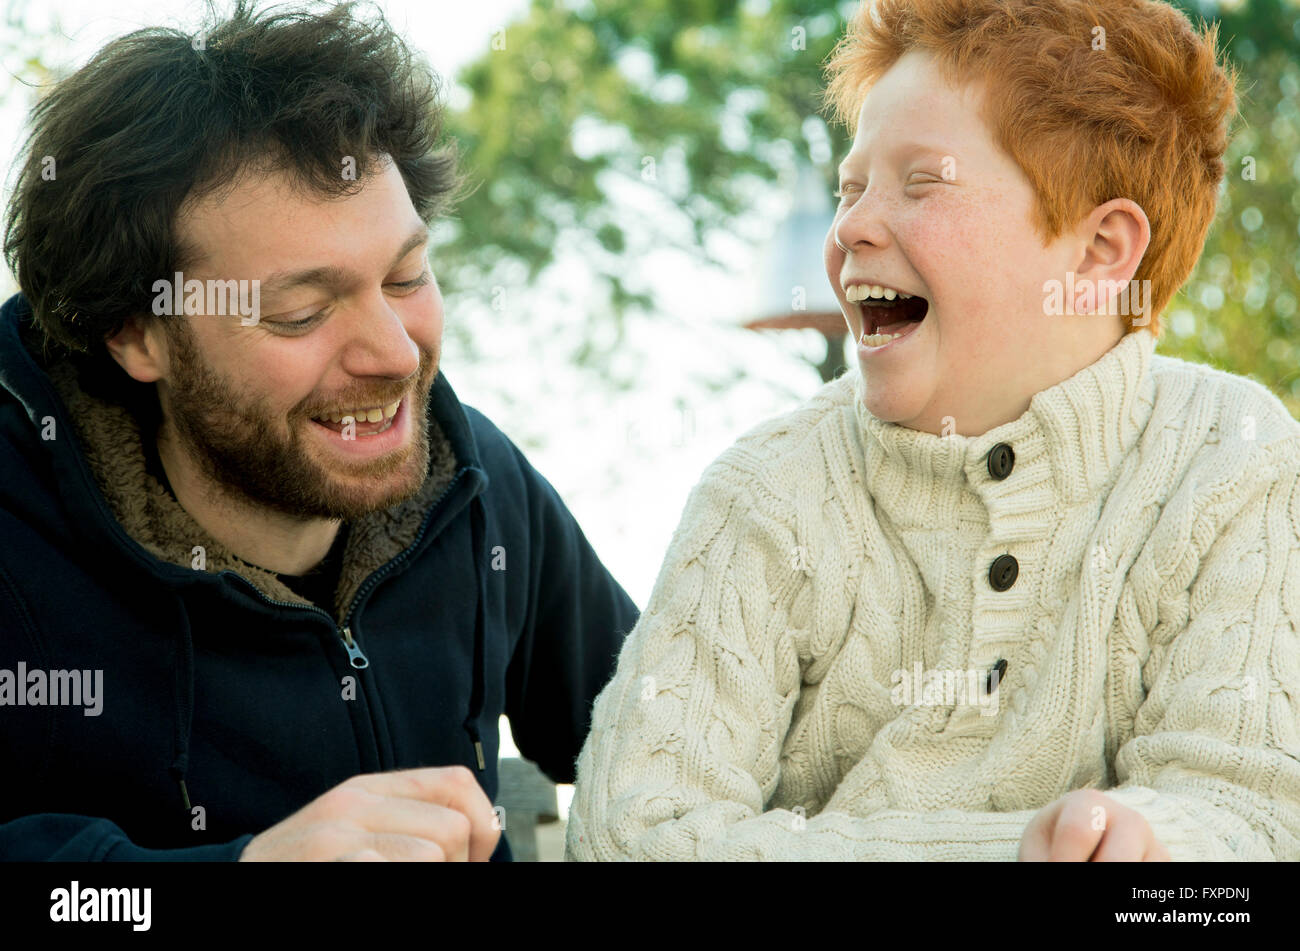 Père et fils rire ensemble à l'extérieur Photo Stock